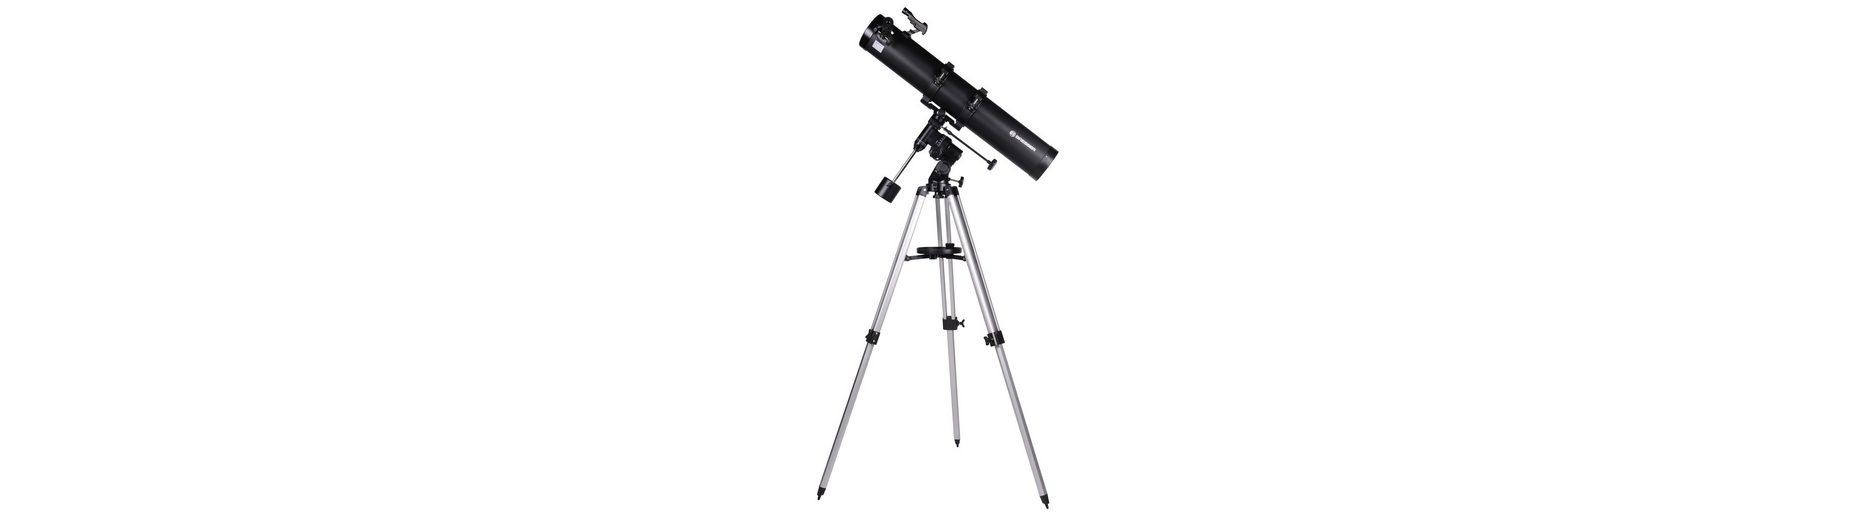 Bresser Teleskop »BRESSER Galaxia 114/900 EQ-Sky Spiegelteleskop«